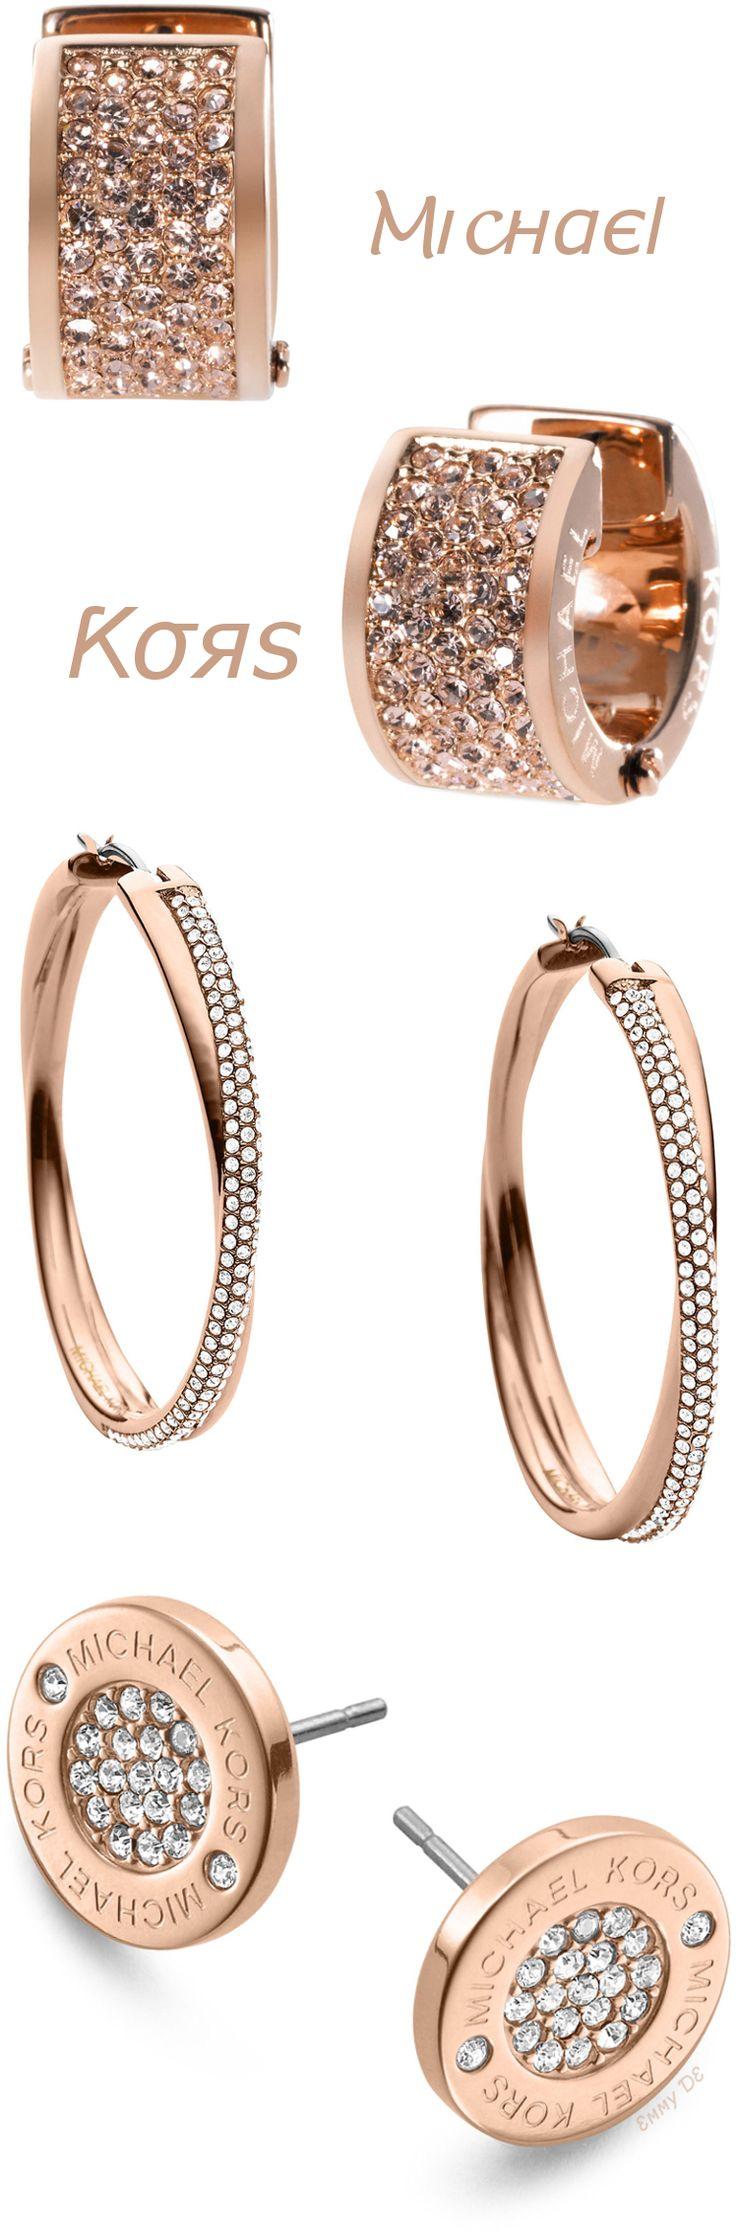 Emmy DE * Michael Kors Earrings